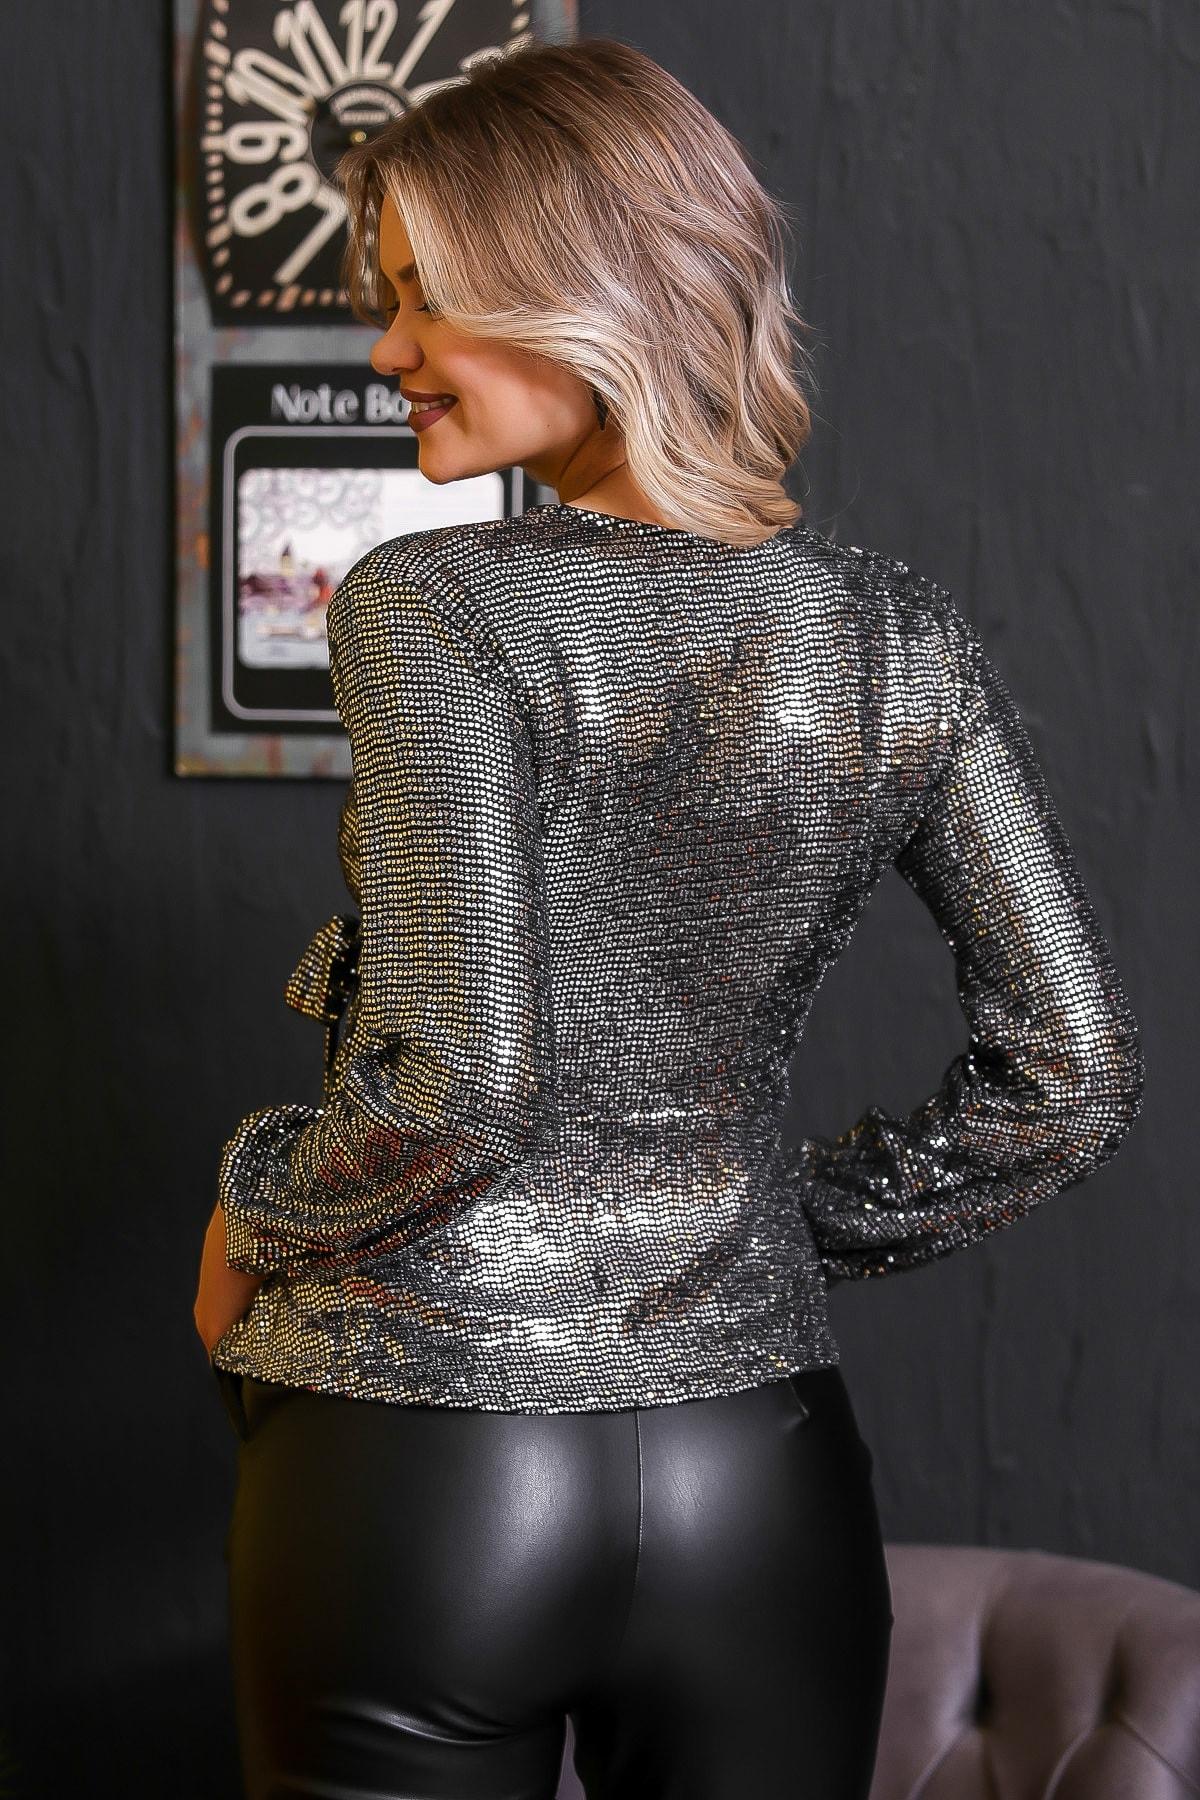 Chiccy Kadın Gümüş Bağlama Detaylı Işıltılı Bluz M10010200BL95672 4